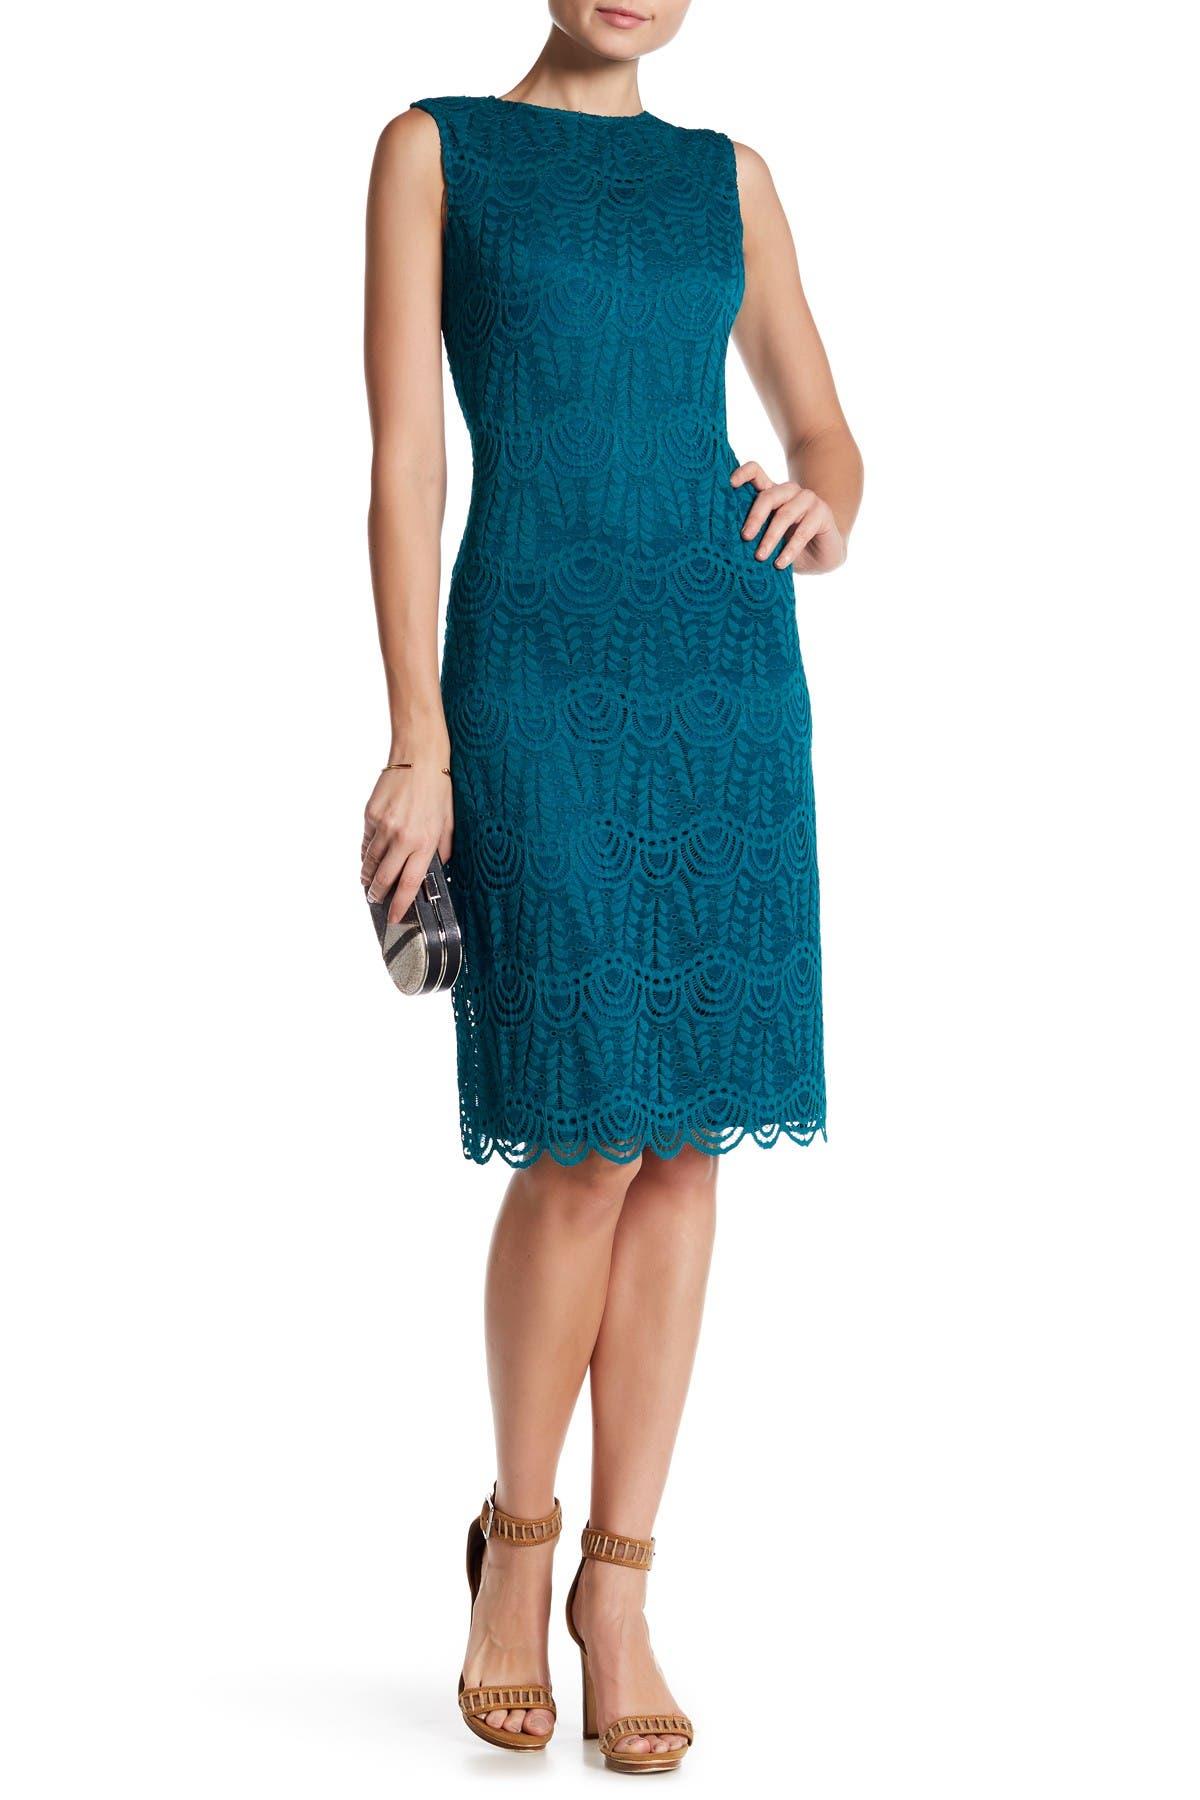 Image of Sharagano Sleeveless Scalloped Lace Dress